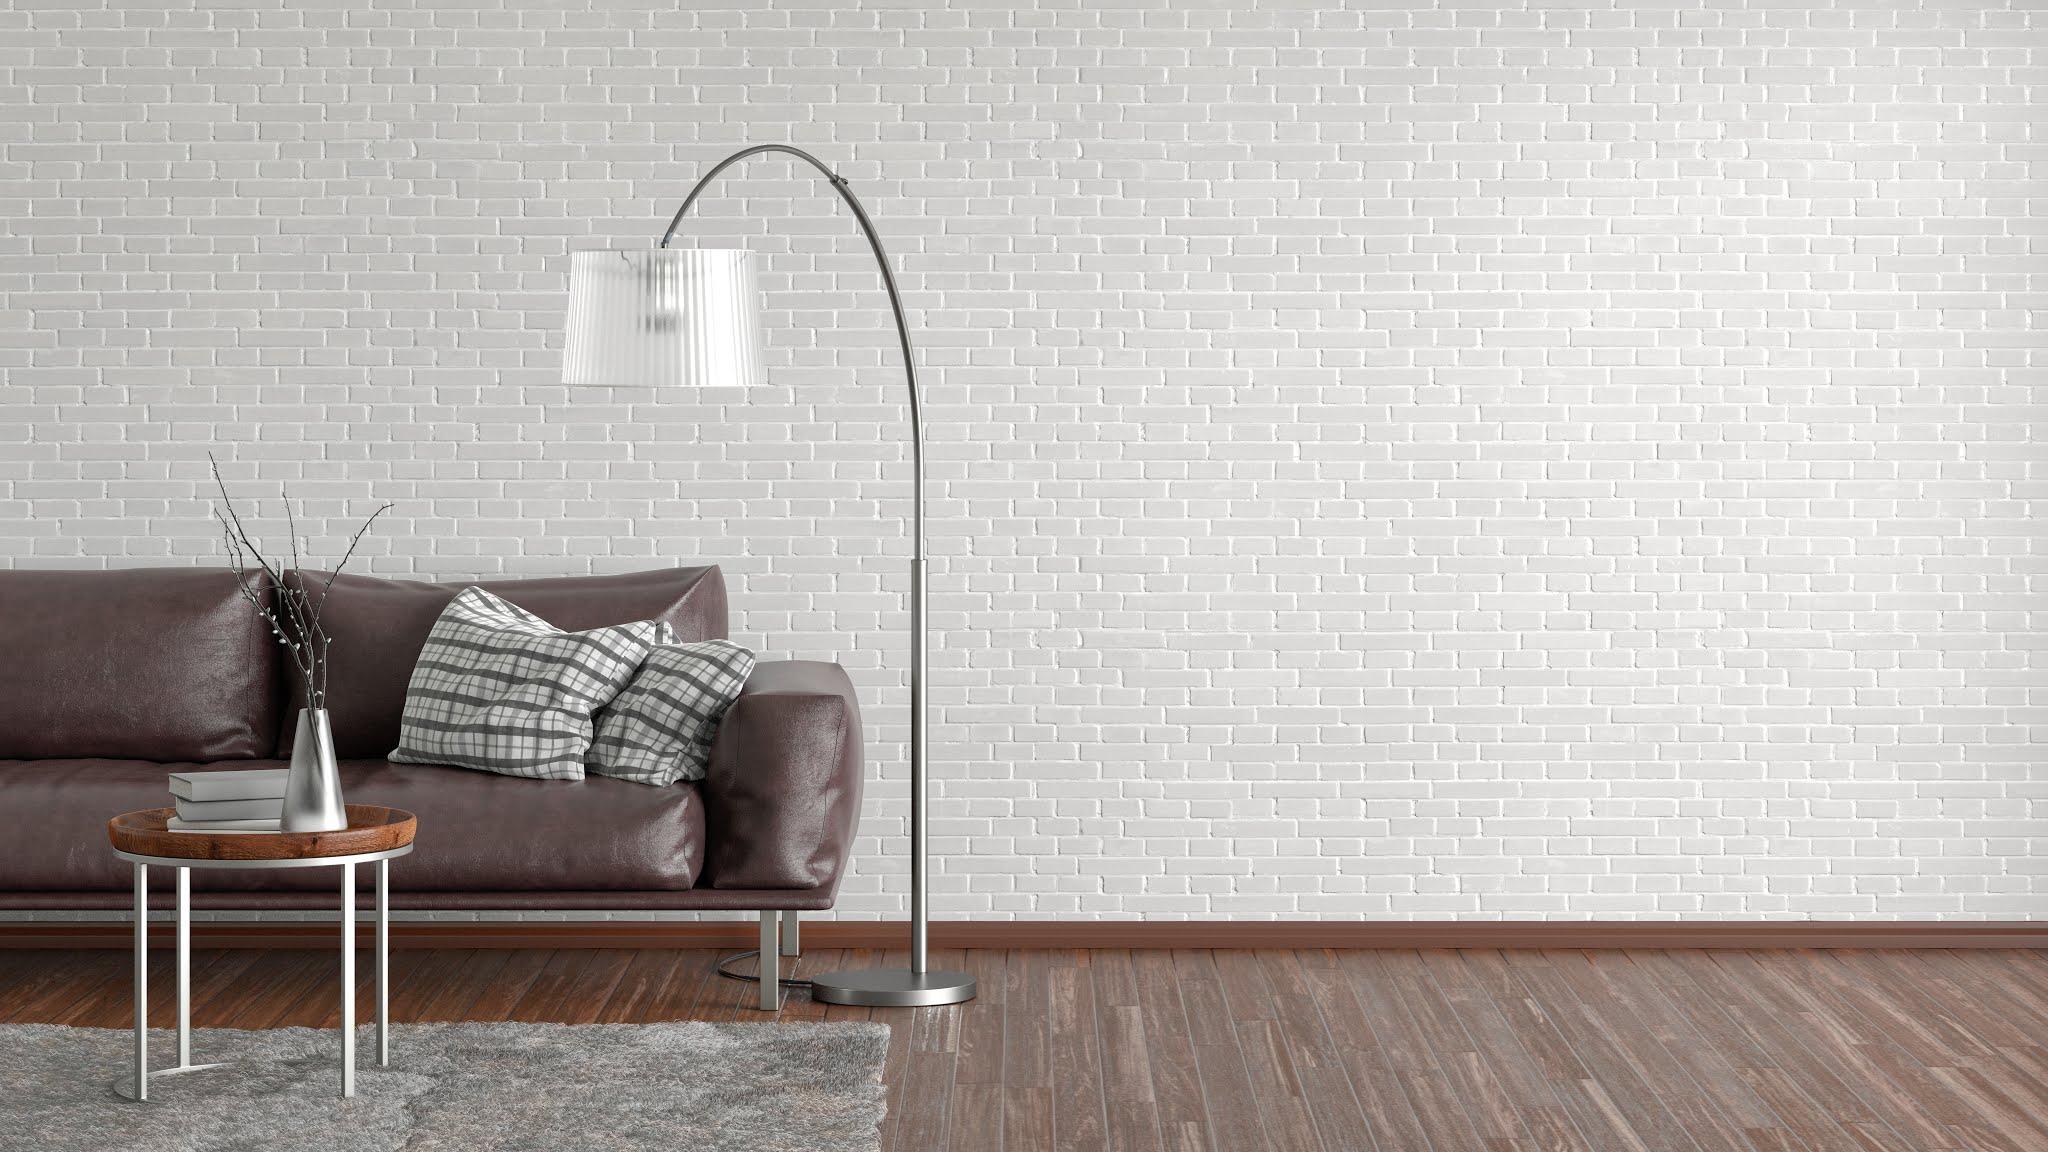 Lampa podłogowa do minimalistycznego salonu